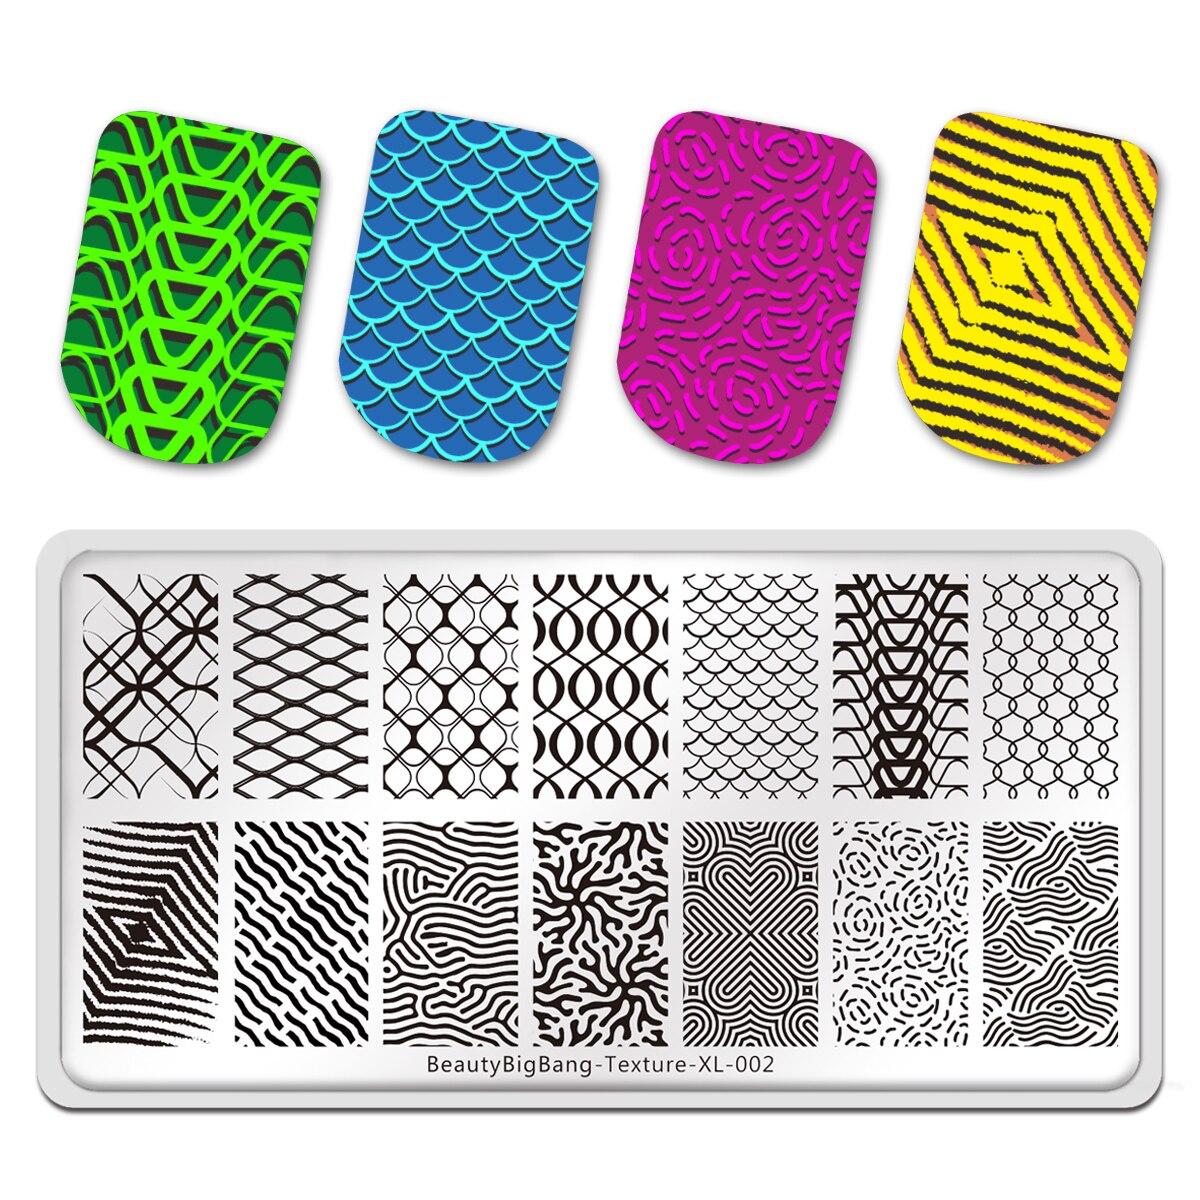 BeautyBigBang placas de estampado para manicura textura línea patrón de red arte de uñas diseño de uñas arte plantilla de herramienta de la manicura